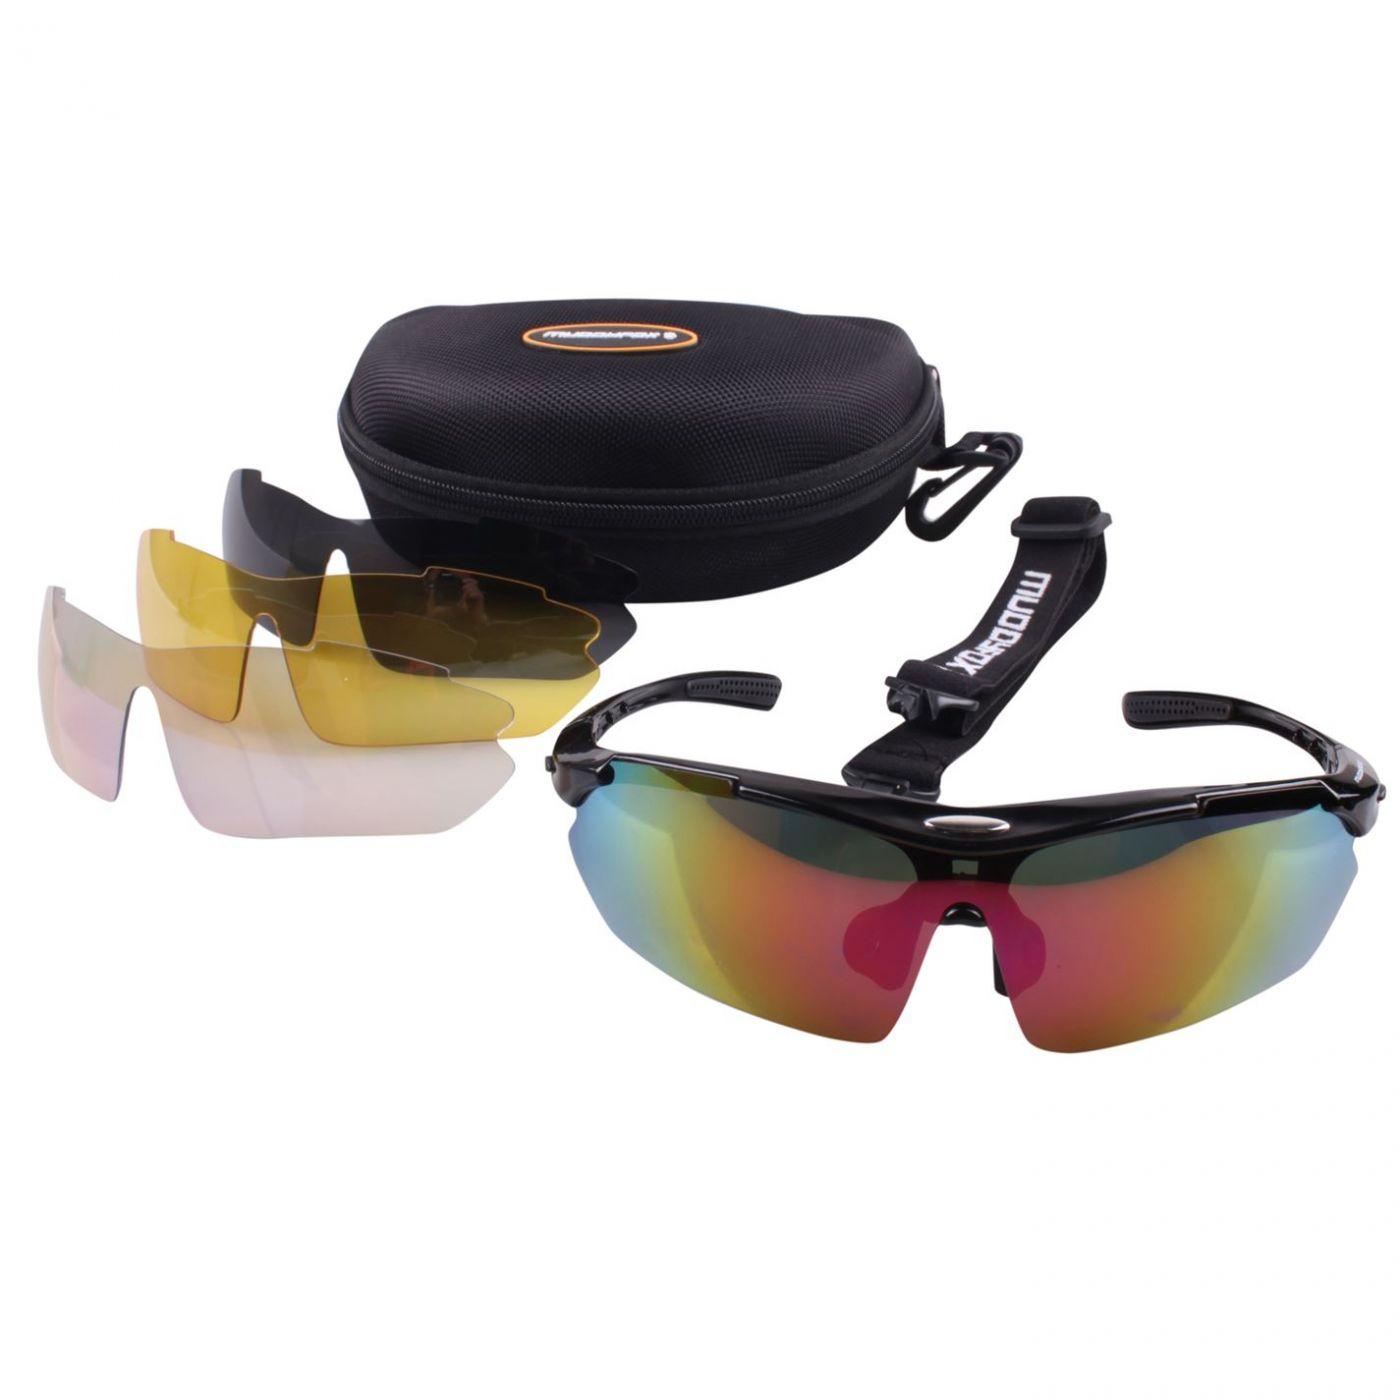 Muddyfox Sunglasses 200 Mens